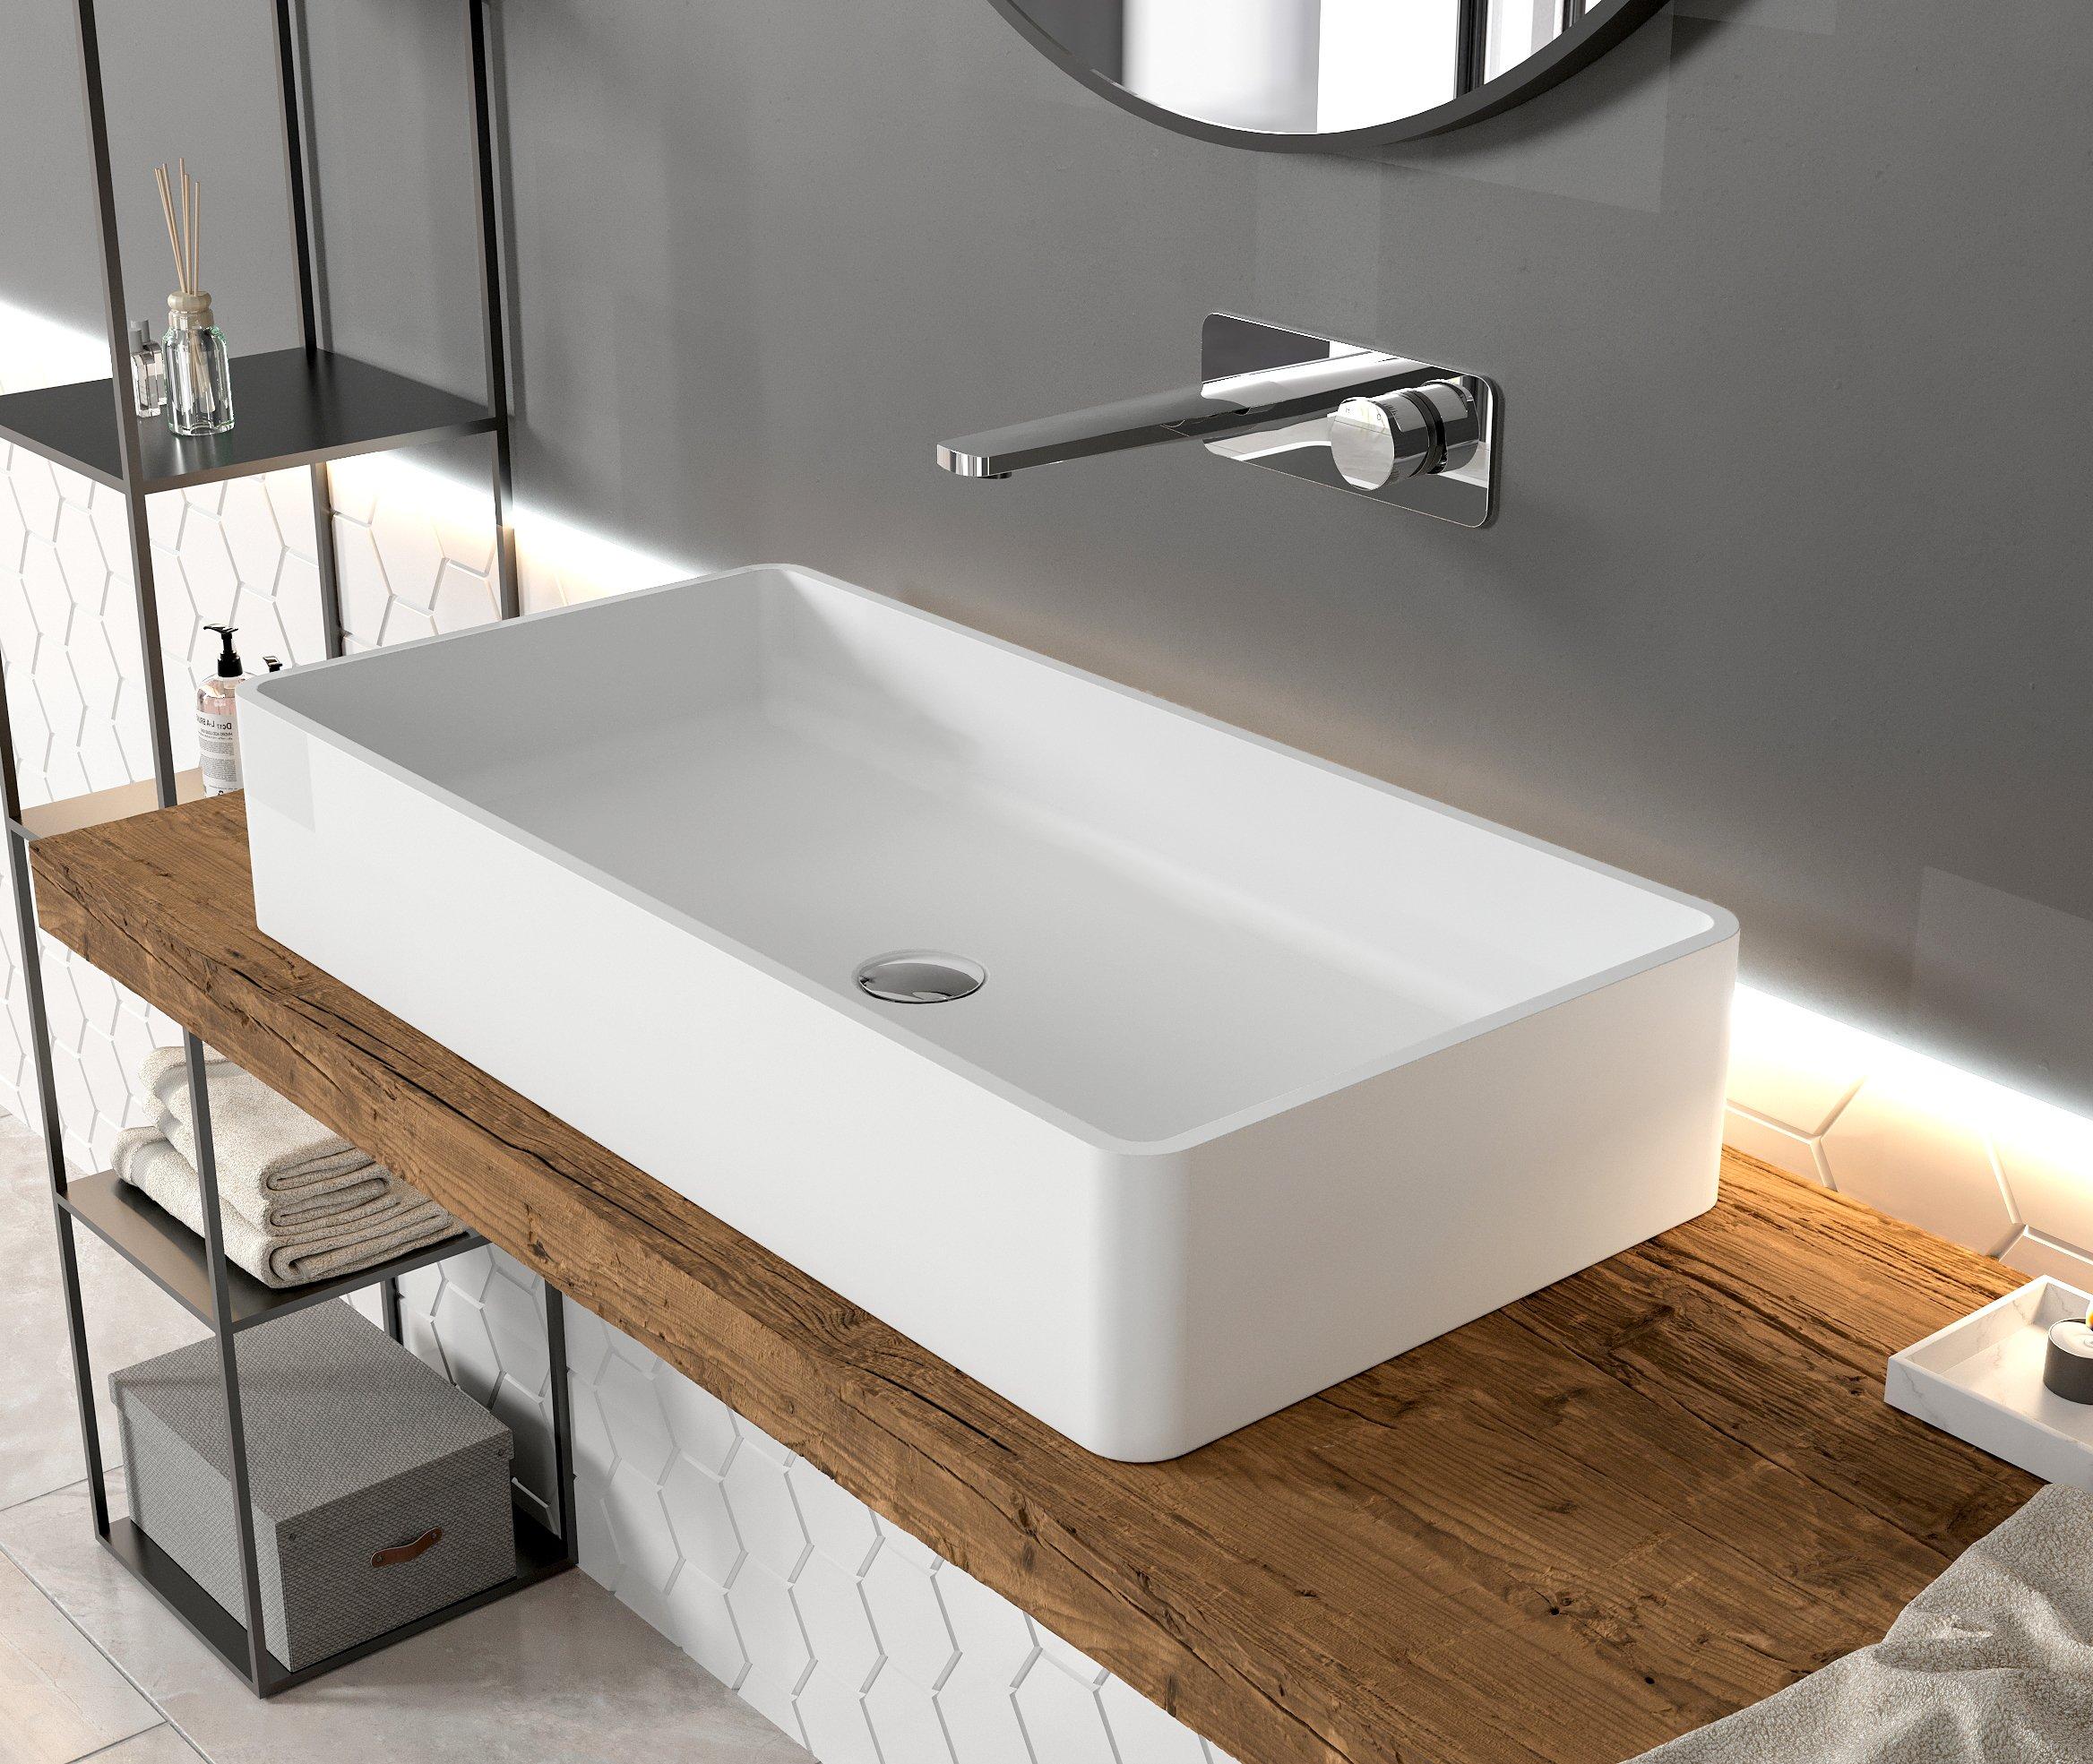 Aufsatzwaschbecken PB2013 aus Mineralguss Solid Stone - 80 x 40 x 14,5 cm - Weiß Matt